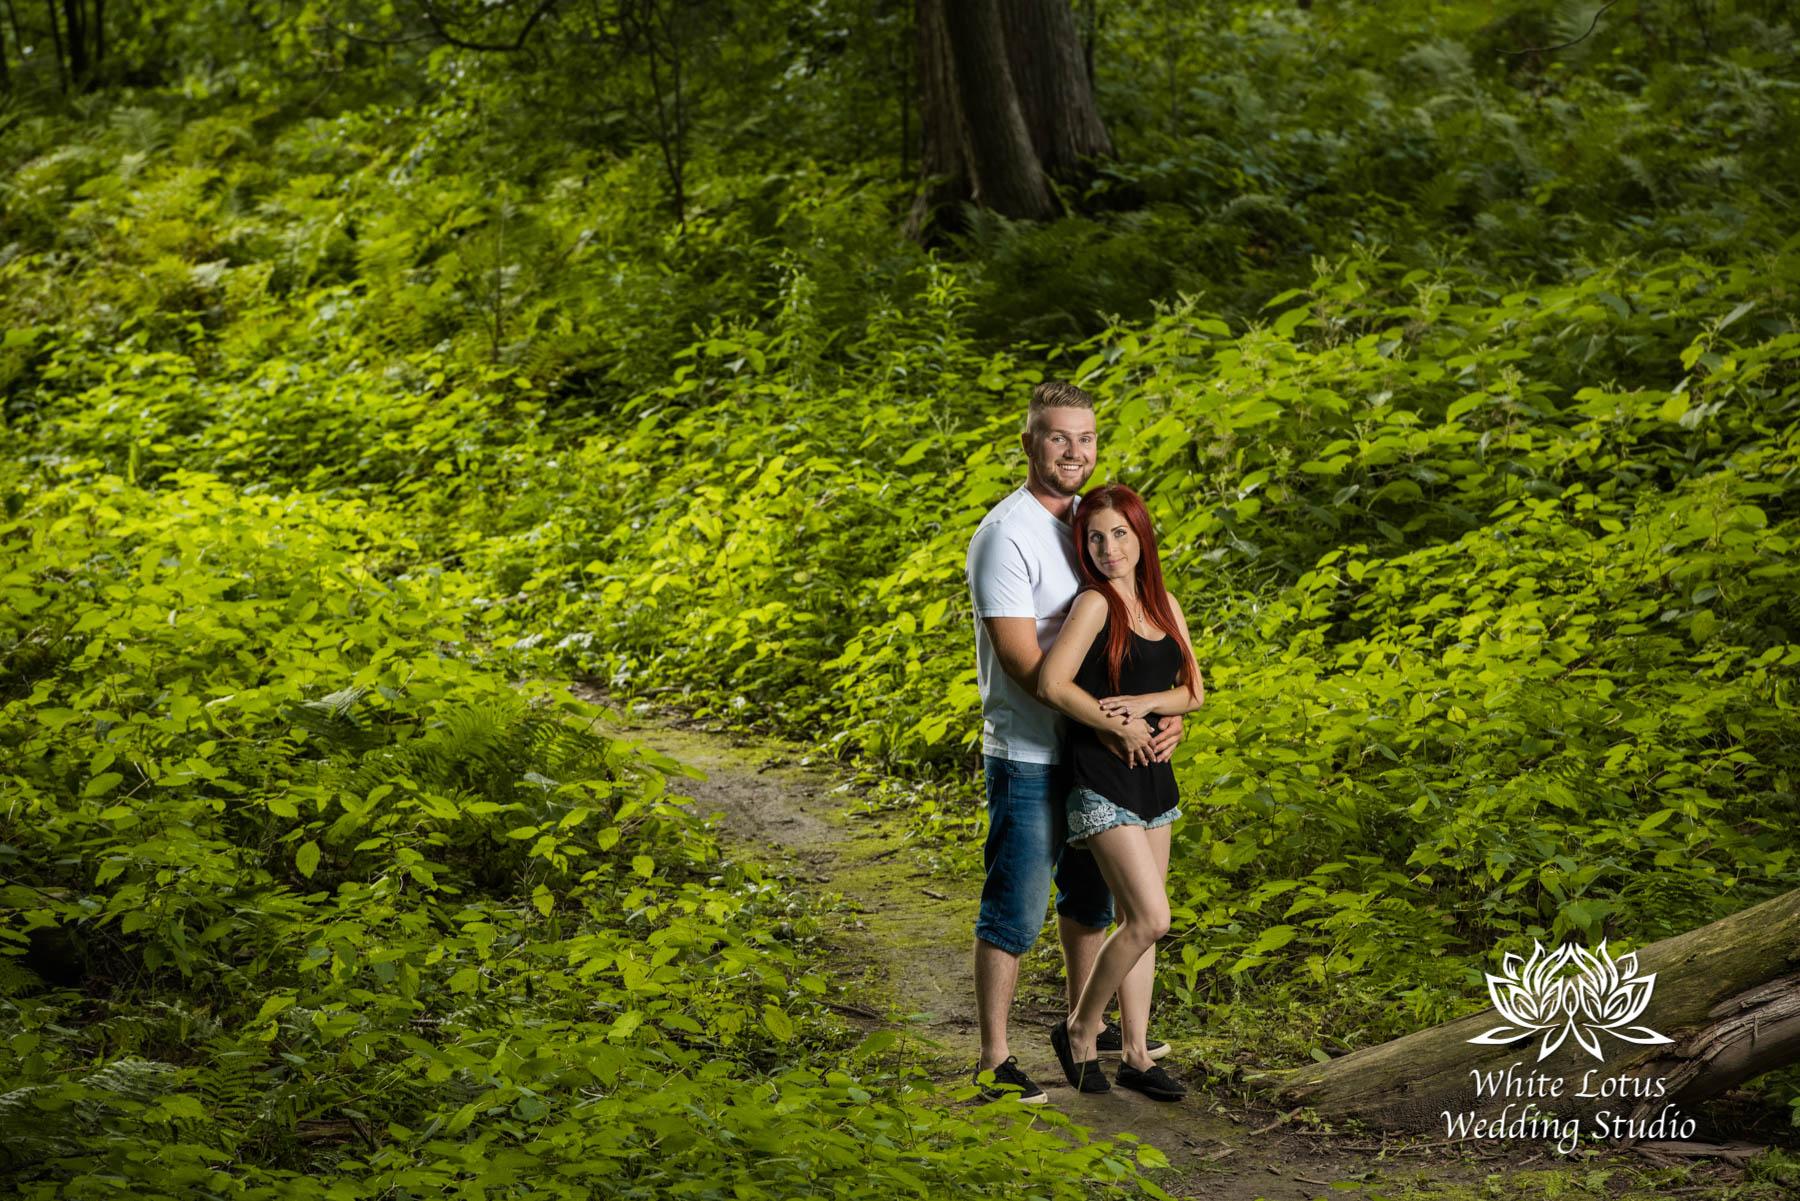 047 - Kleinburg - Engagement - Summer